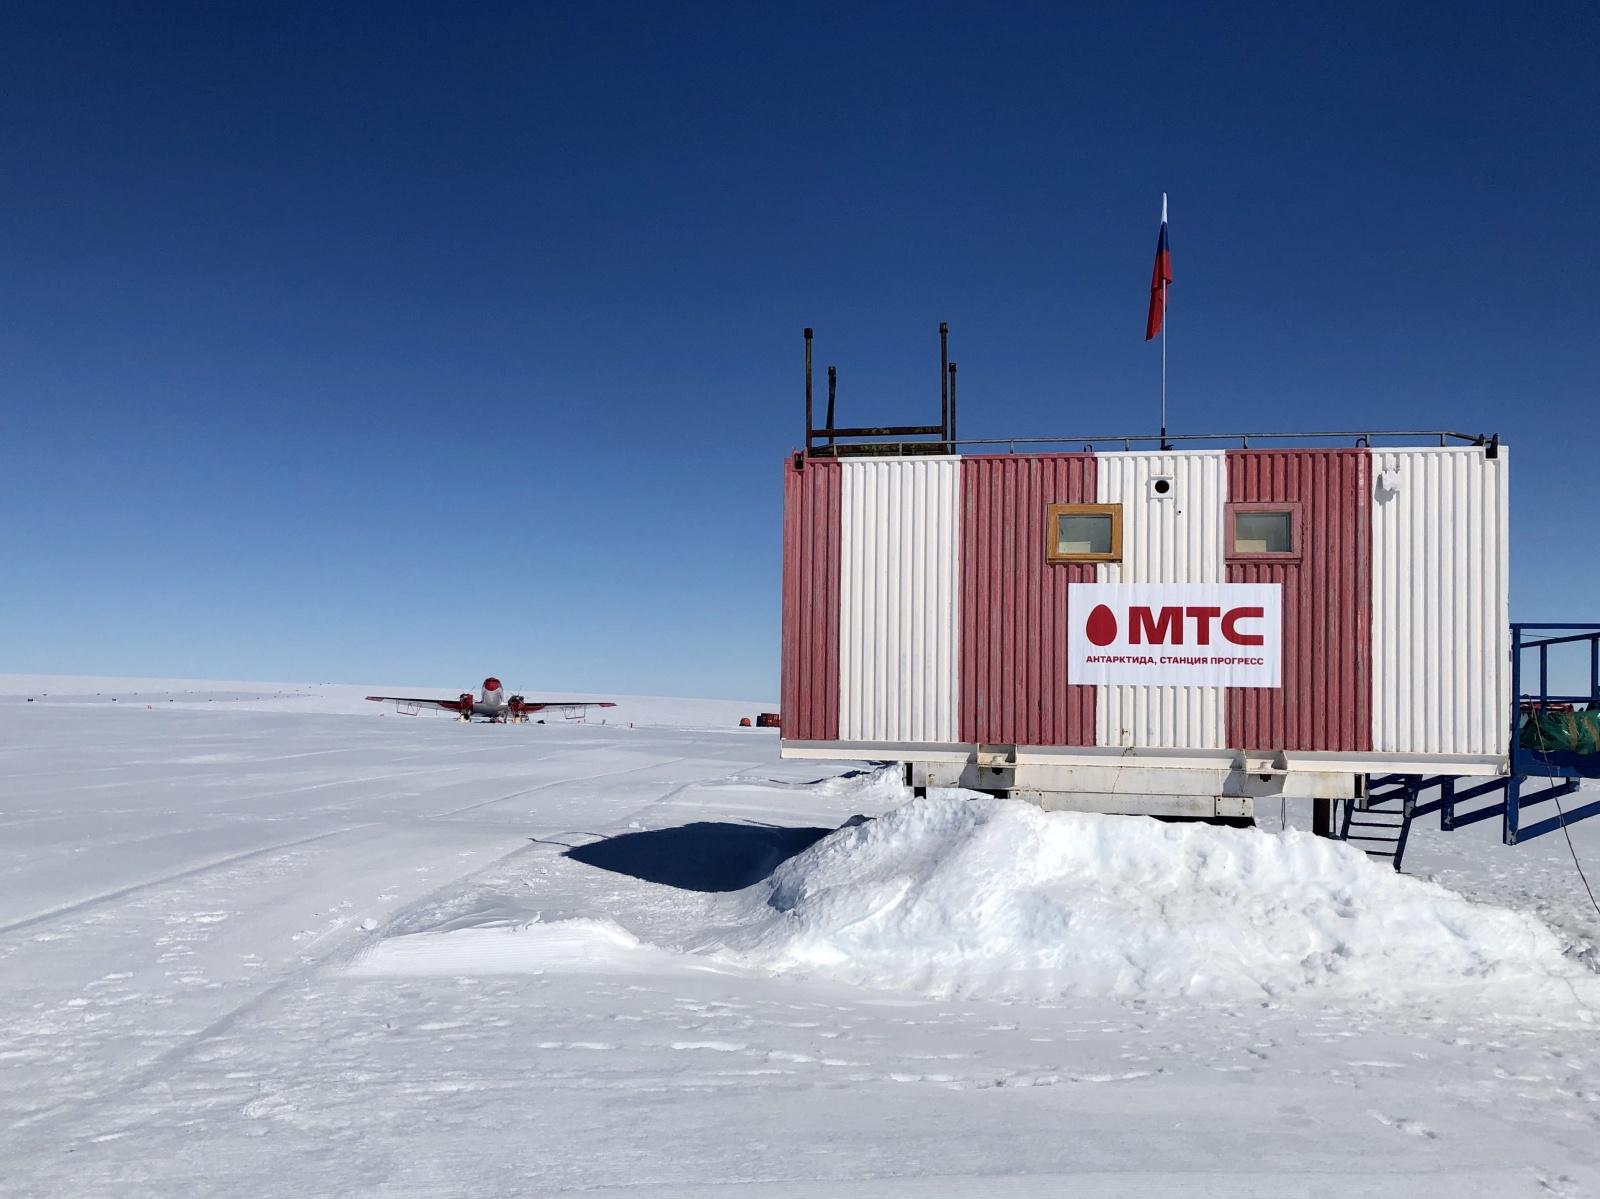 Как у российских полярников появилась сотовая связь в Антарктиде - 9